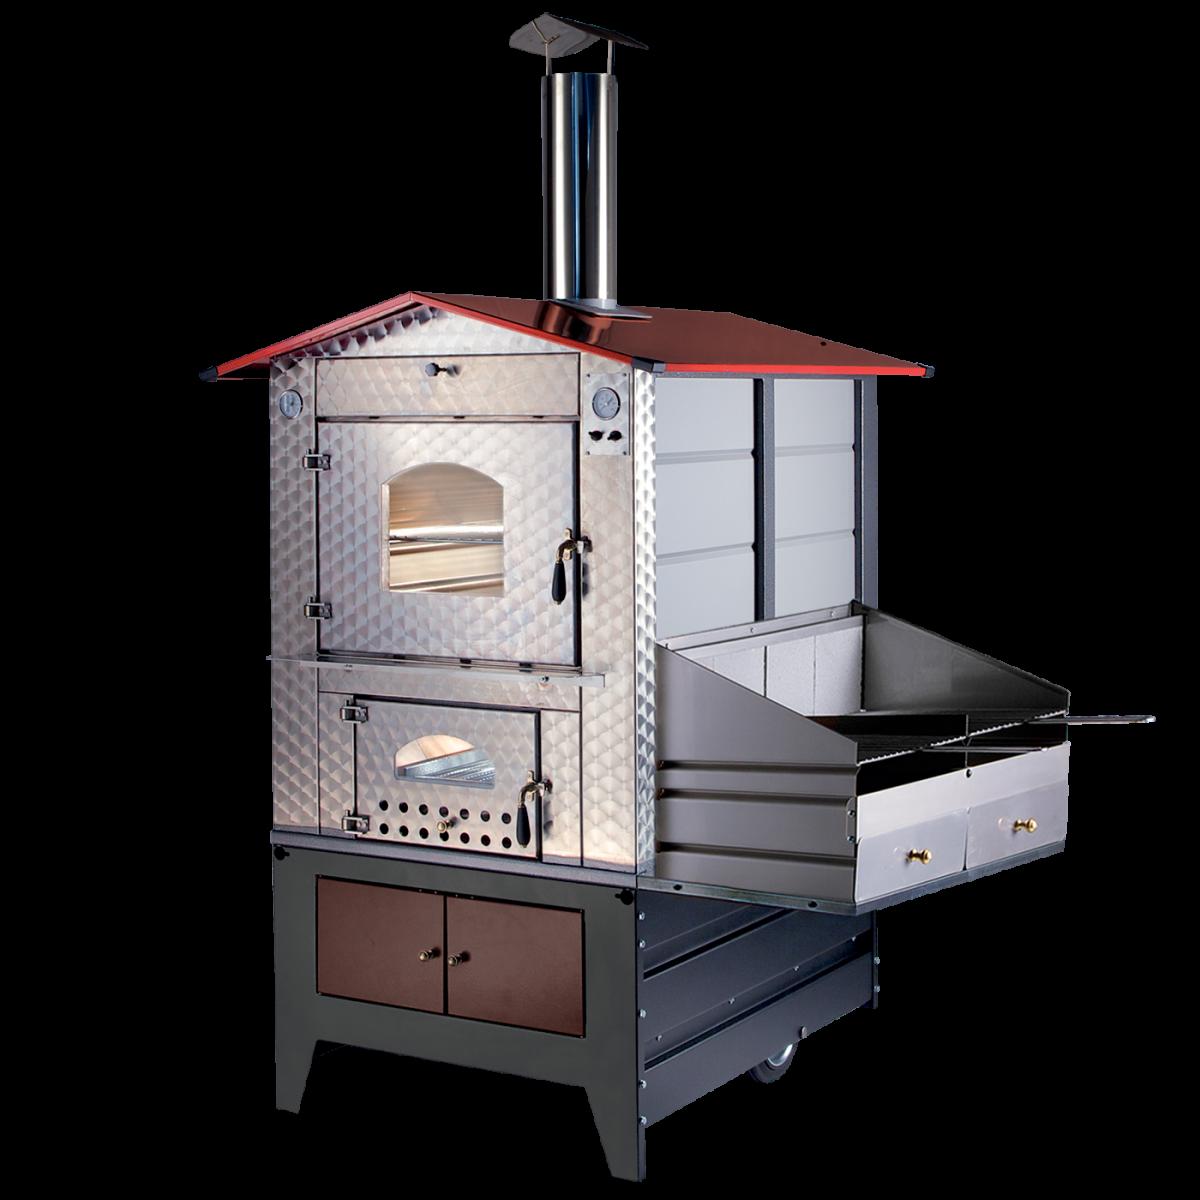 Forno a legna da esterno g100 barbecue gemignani macchine enologiche macchina enologica - Barbecue da esterno prezzi ...